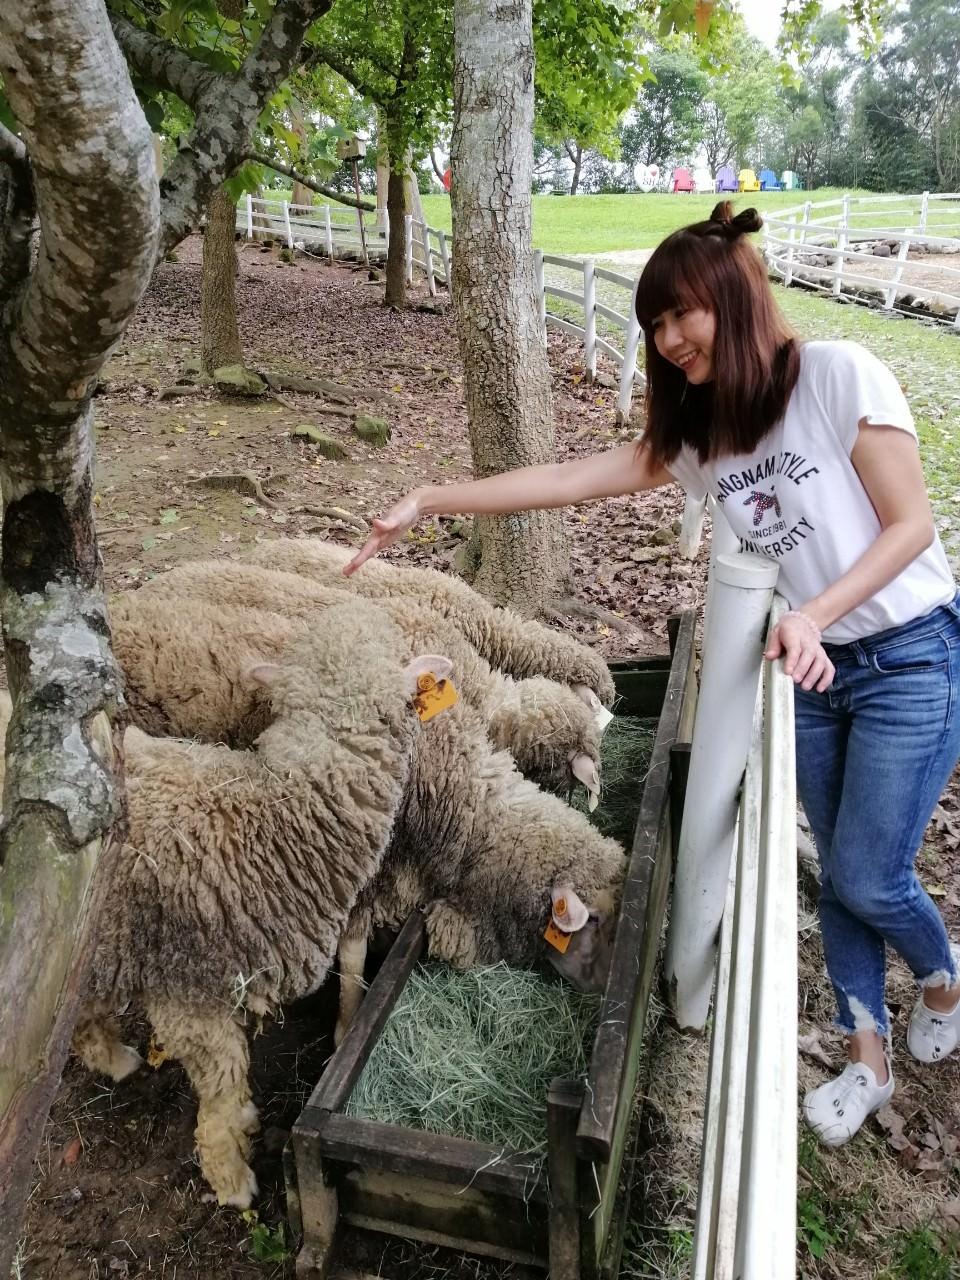 20190422140547 80 - 熱血採訪 [桃園旅遊]綠光森林綿羊牧場 一泊二食 親近羊群擁抱山林 被施了快樂魔法的森林牧場